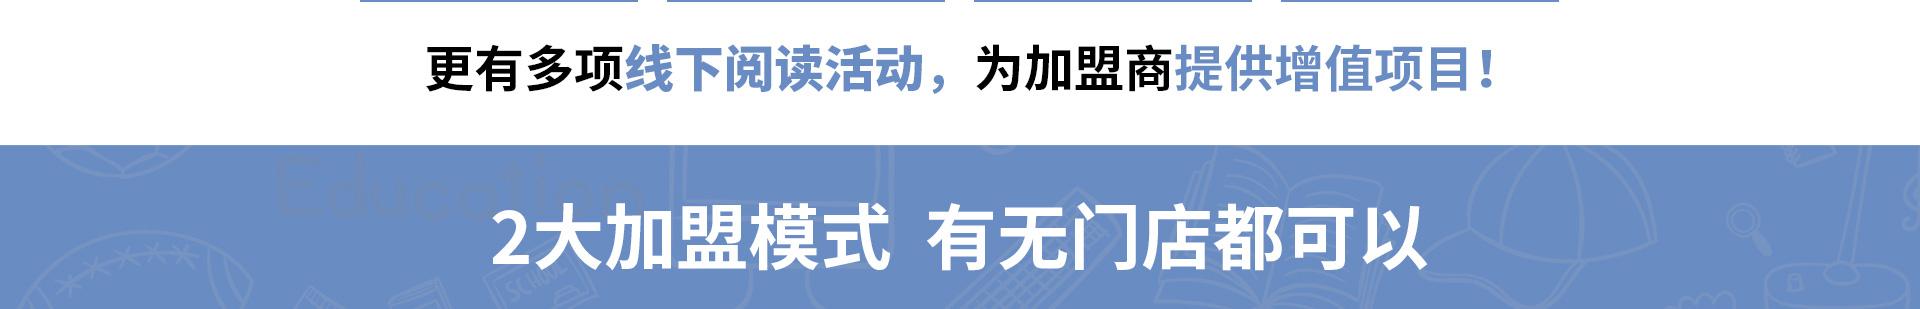 快乐书童阅读馆PC-快乐书童-许小琥_14